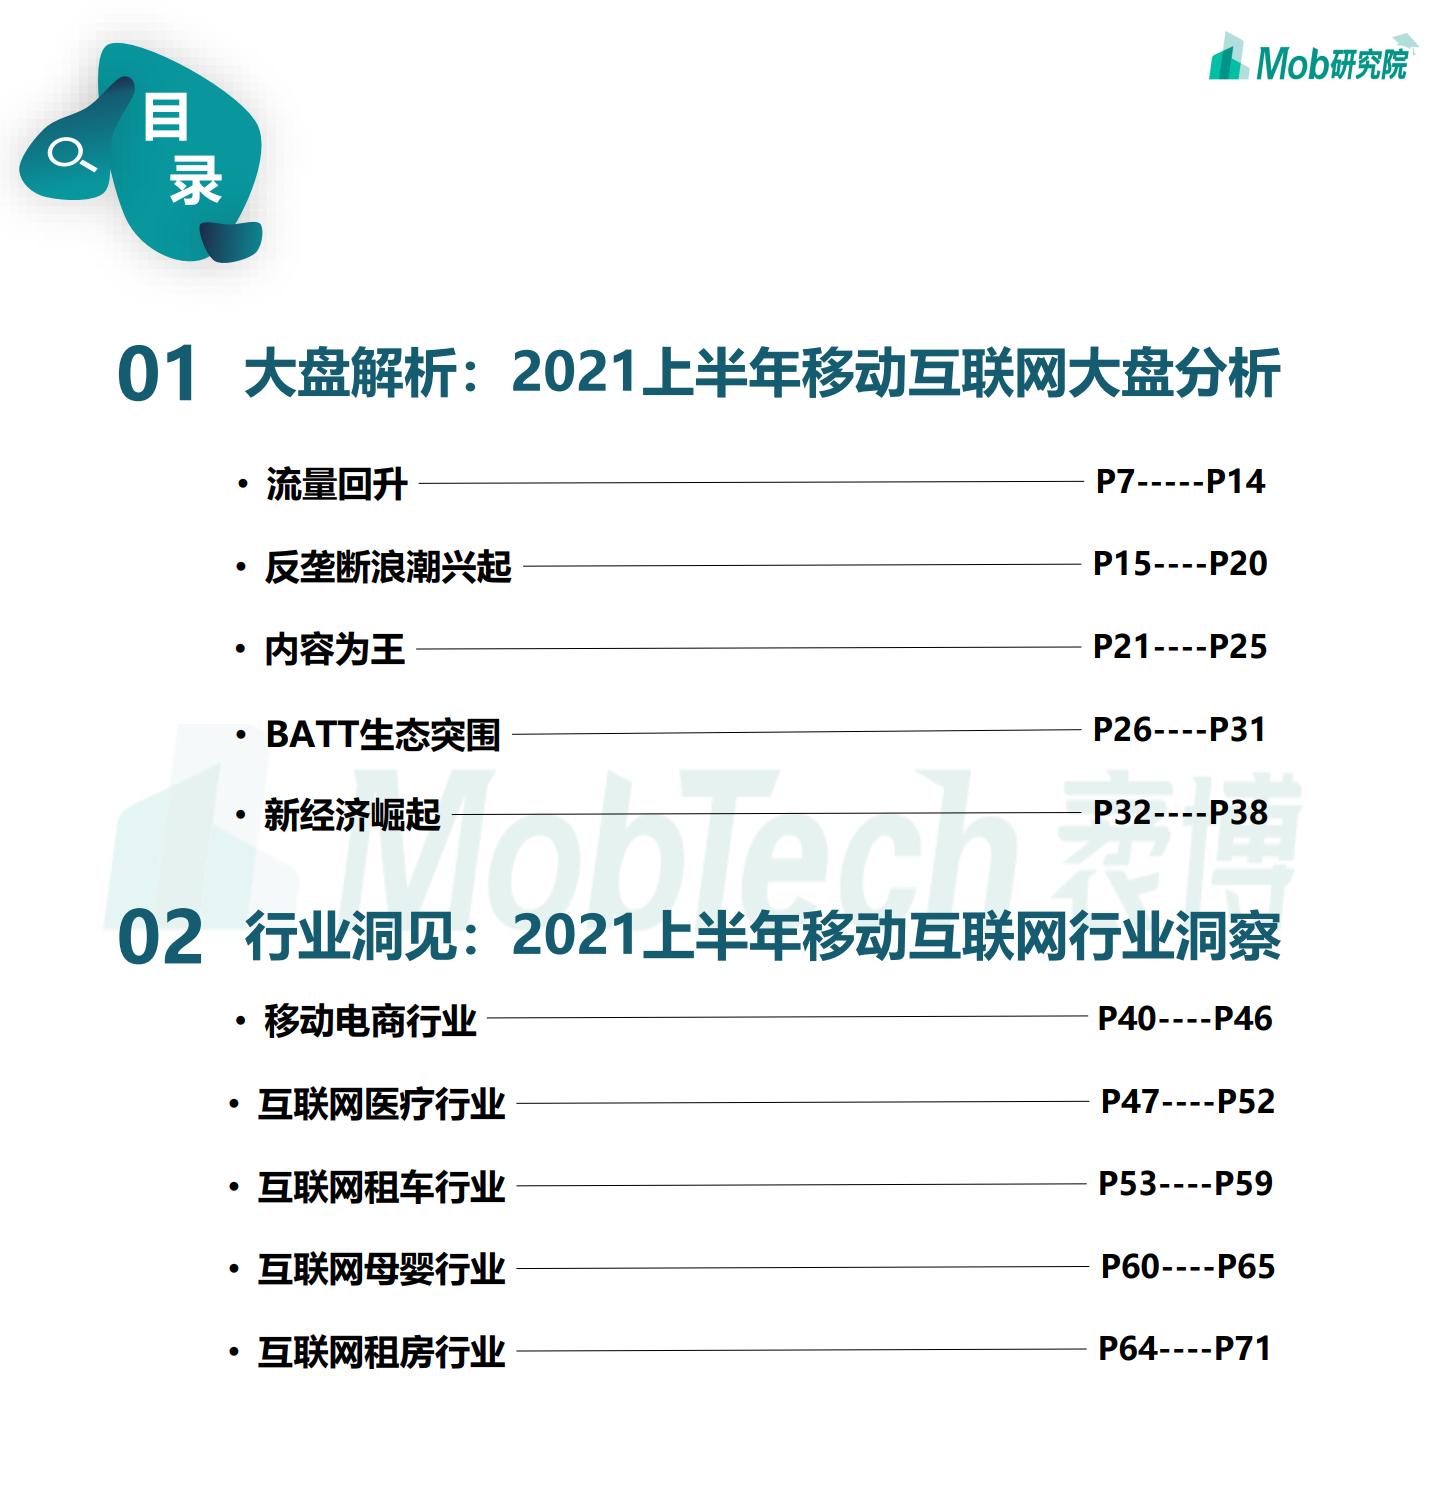 2021年中国移动互联网半年度大报告插图3